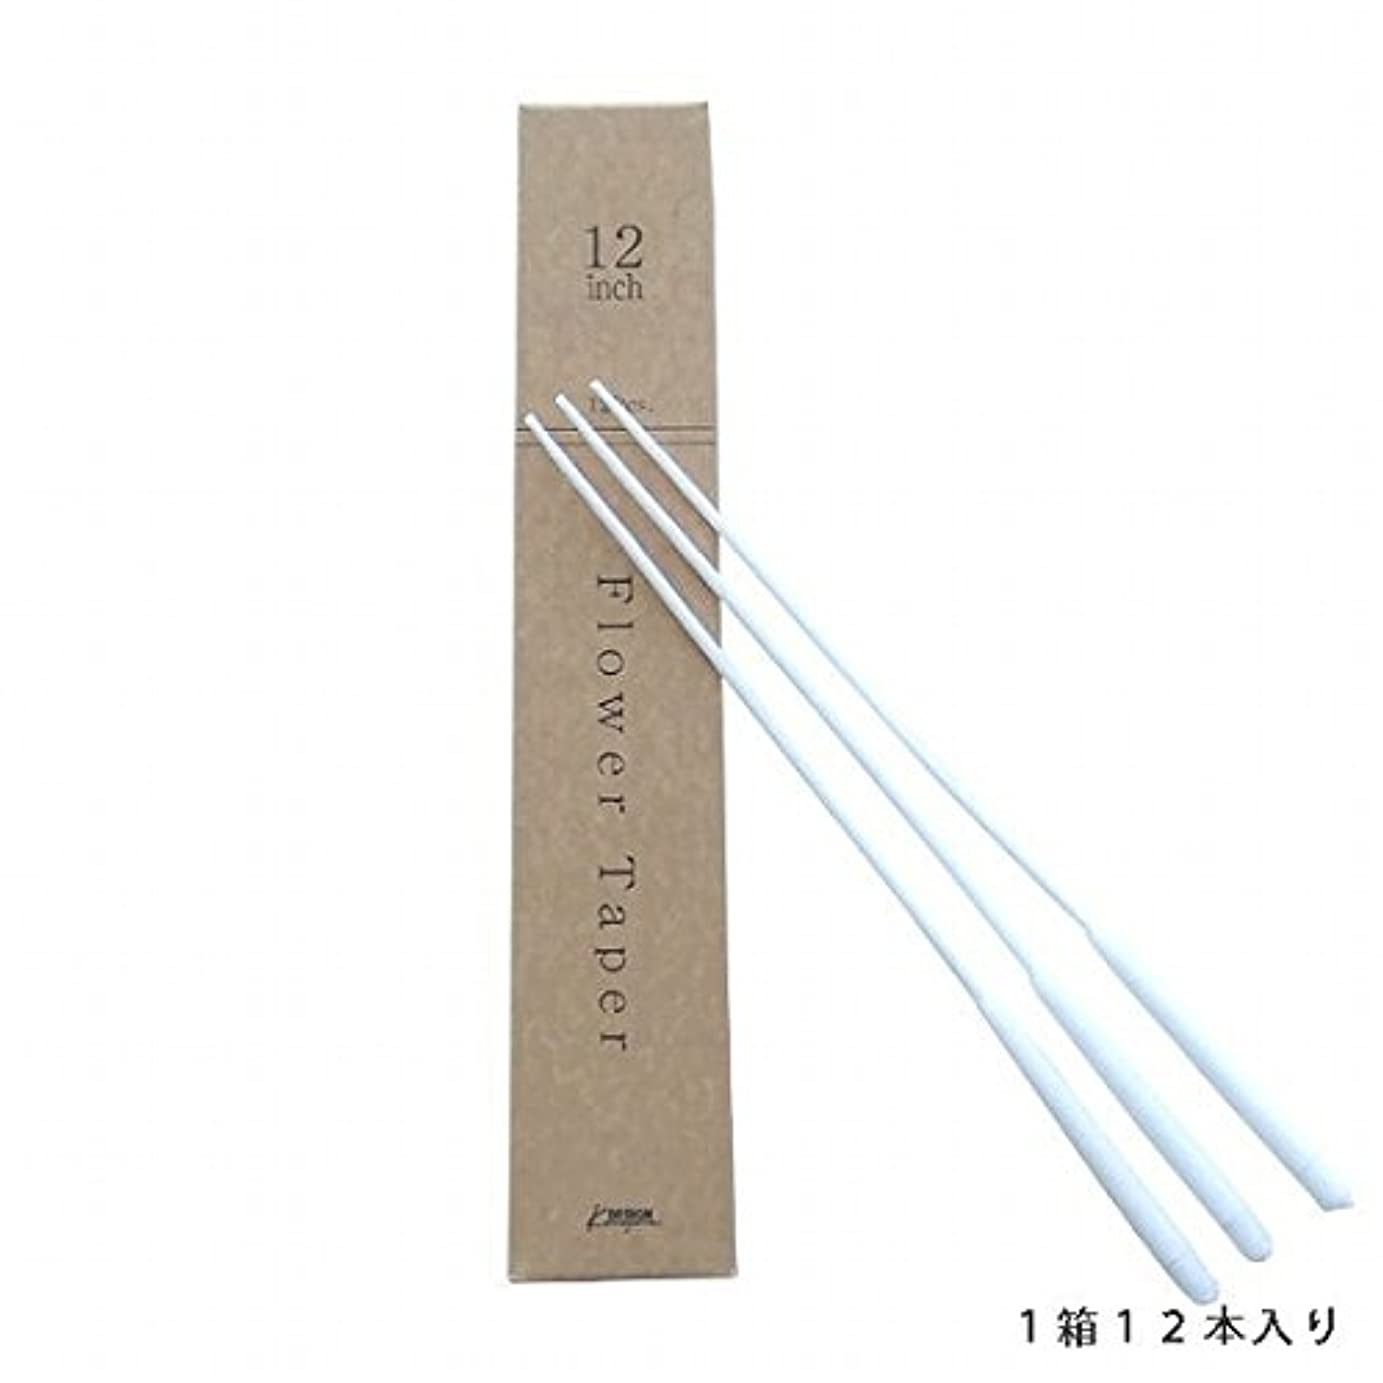 議題過半数リベラルカメヤマキャンドル(kameyama candle) 12インチトーチ用フラワーテーパー12本入 「 ホワイト 」